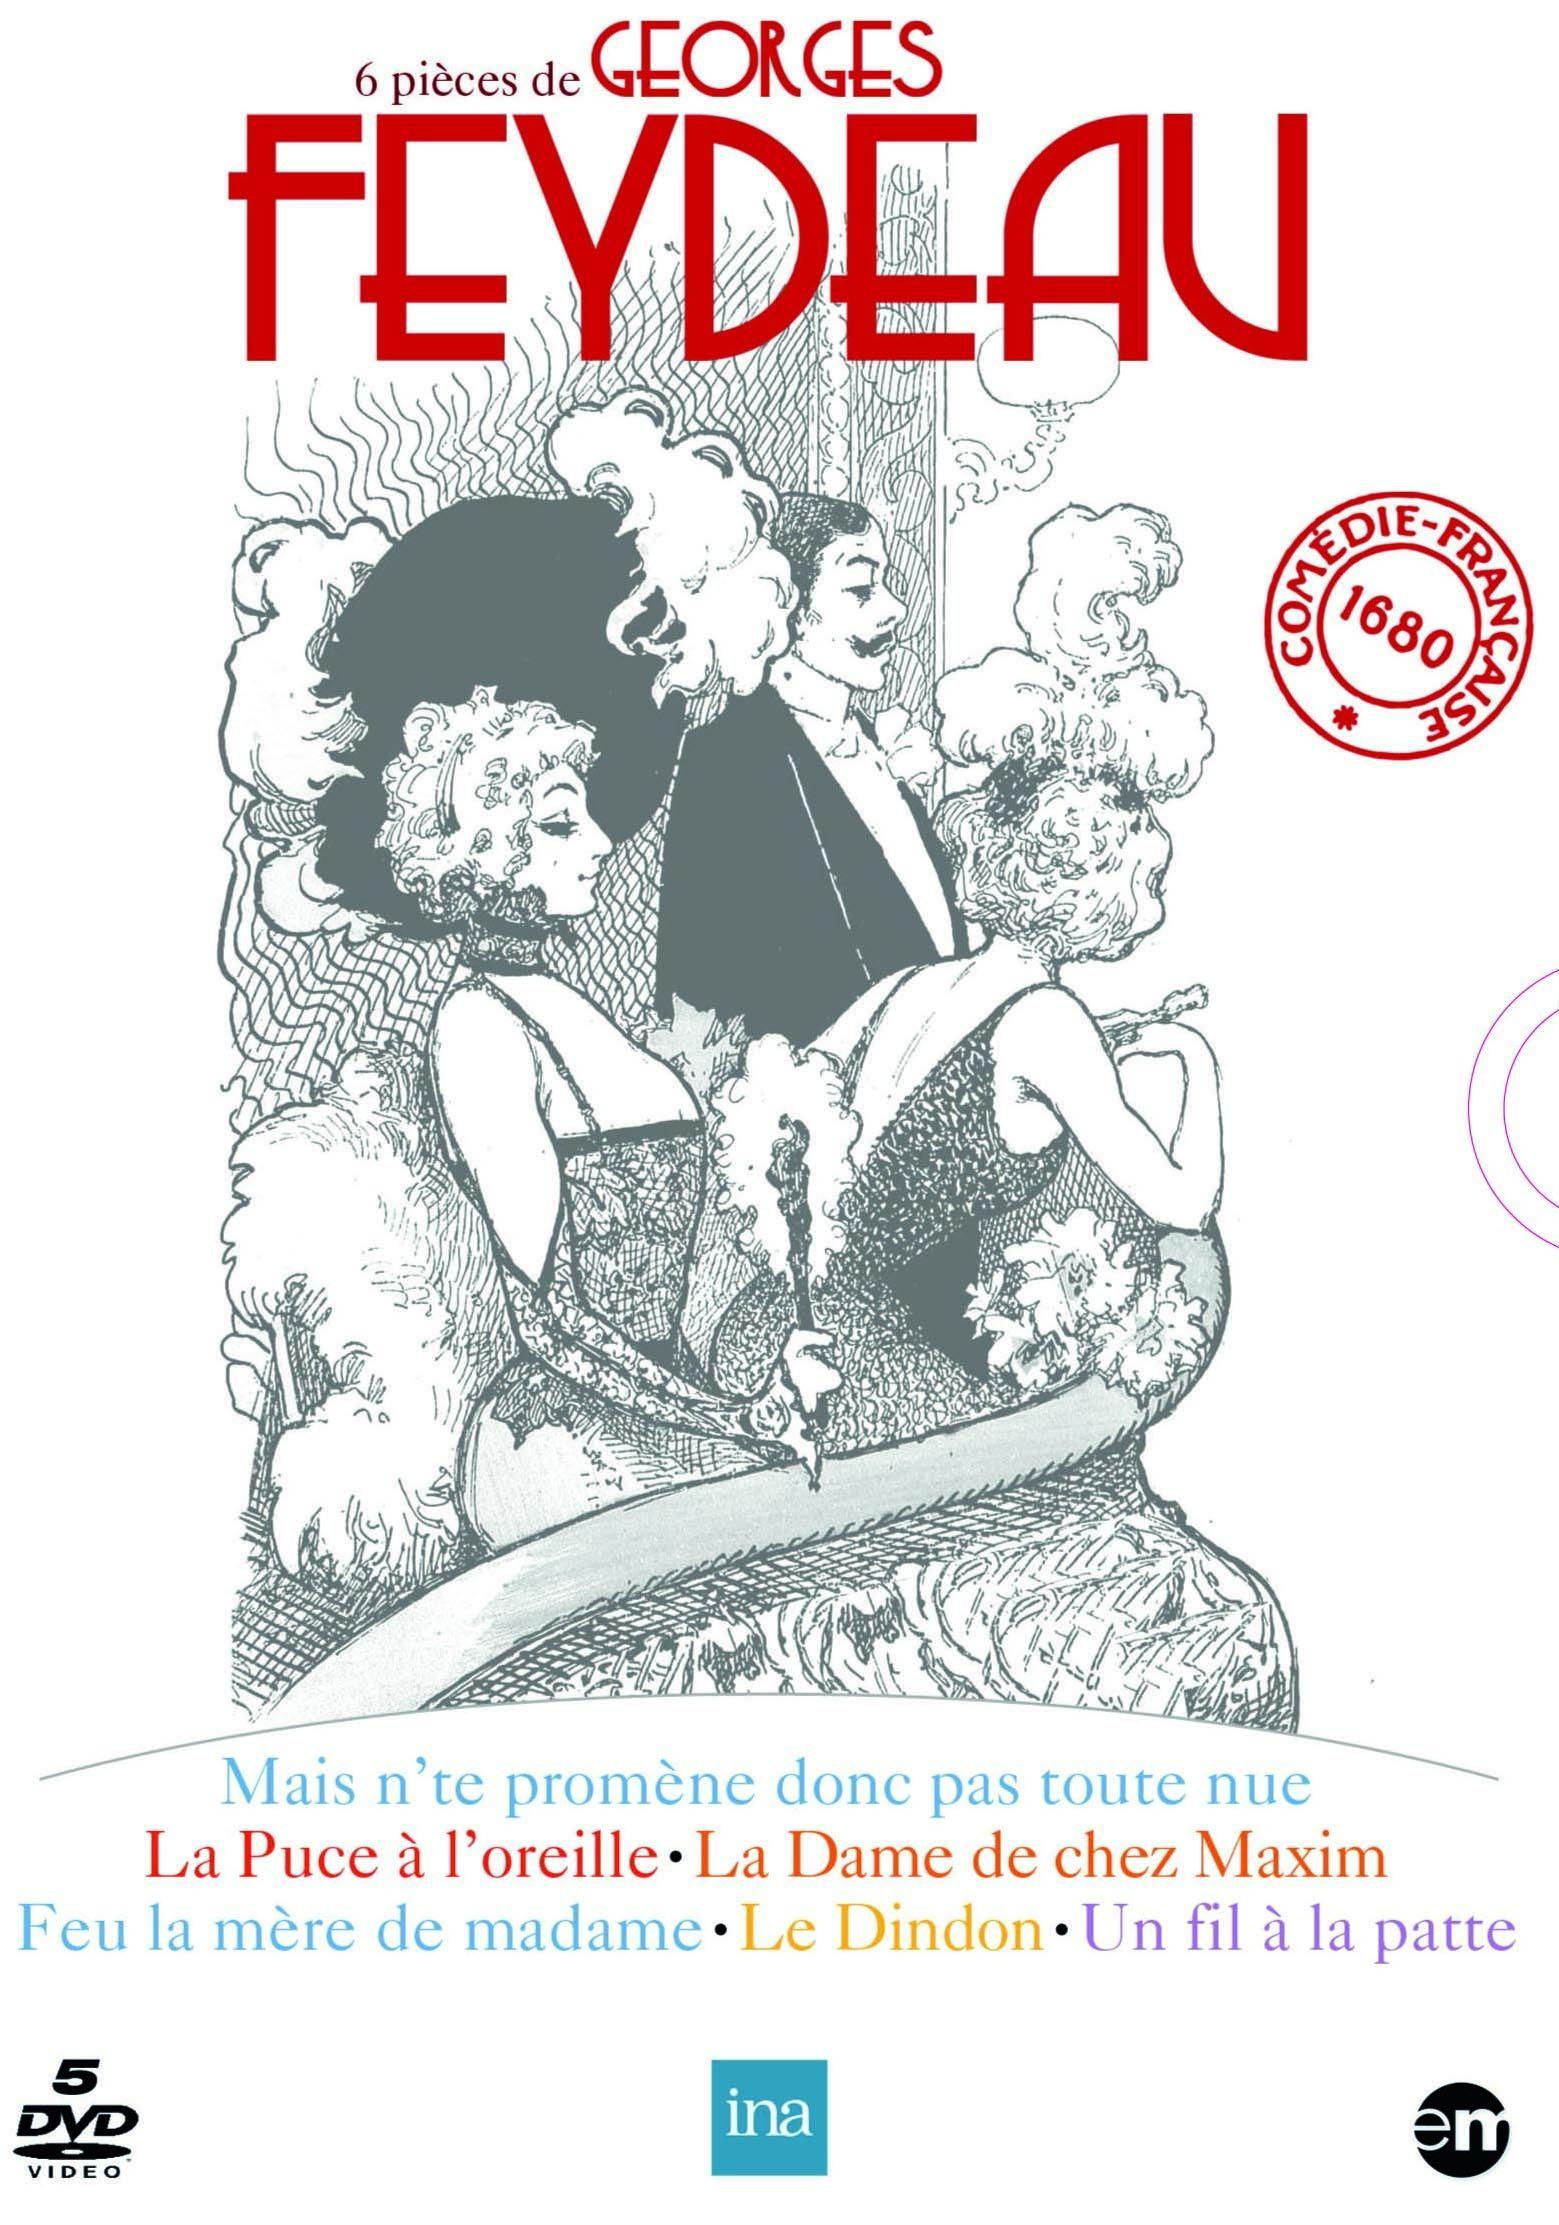 6 pièces de Georges Feydeau